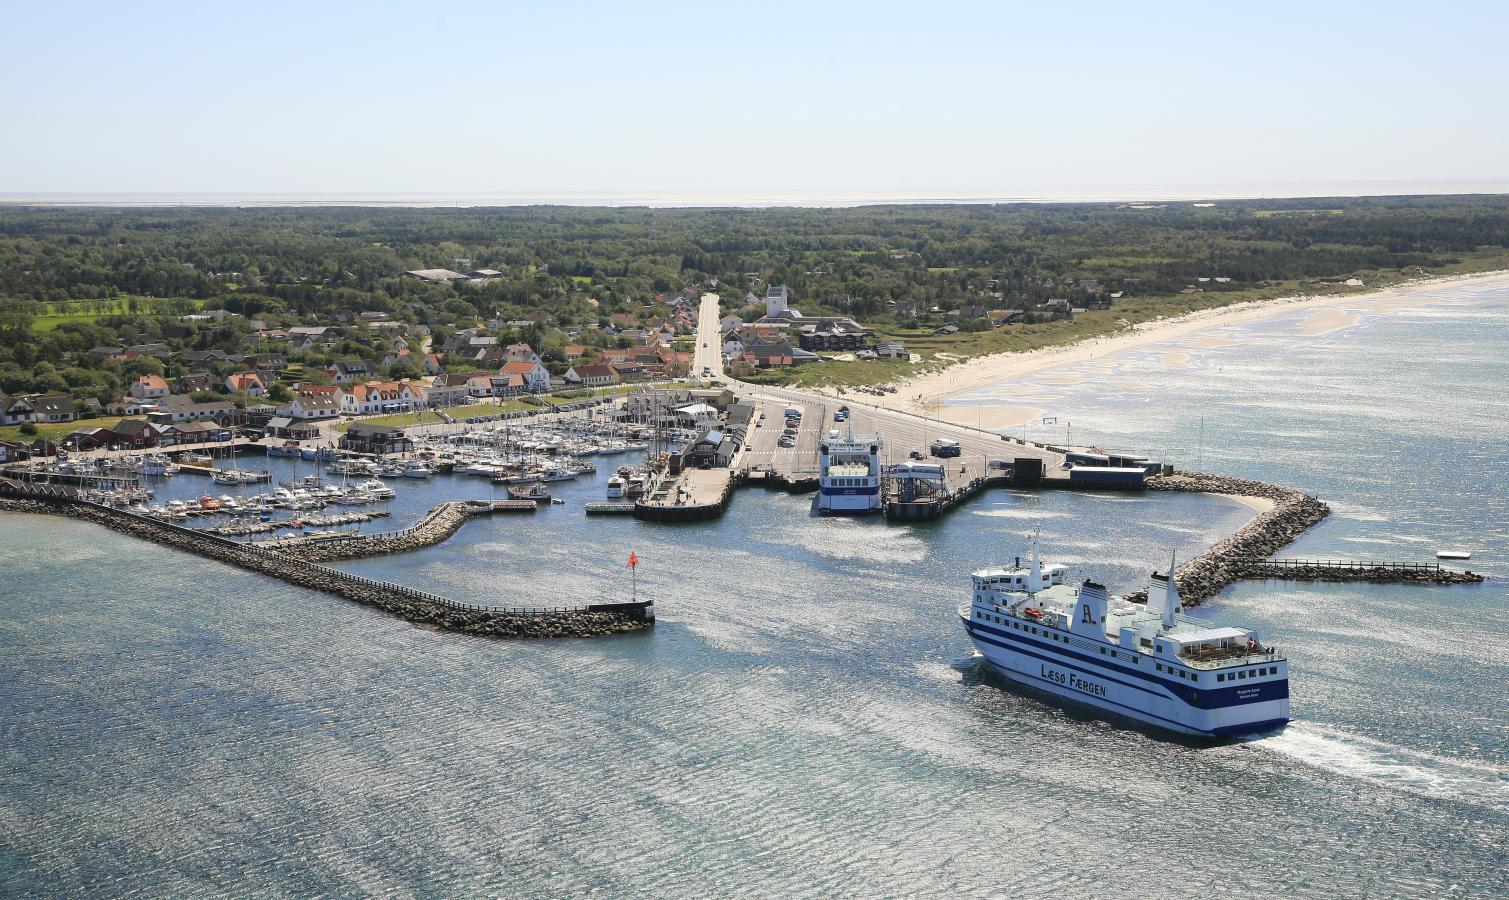 Læsø i Kattegat har denne sommer været en af de mest googlede danske destinationer. Det er færgeforbindelse fra nordjyske Frederikshavn, en sejltur på halvanden time. Foto fra Visitlaesoe.dk via VisitDenmark.